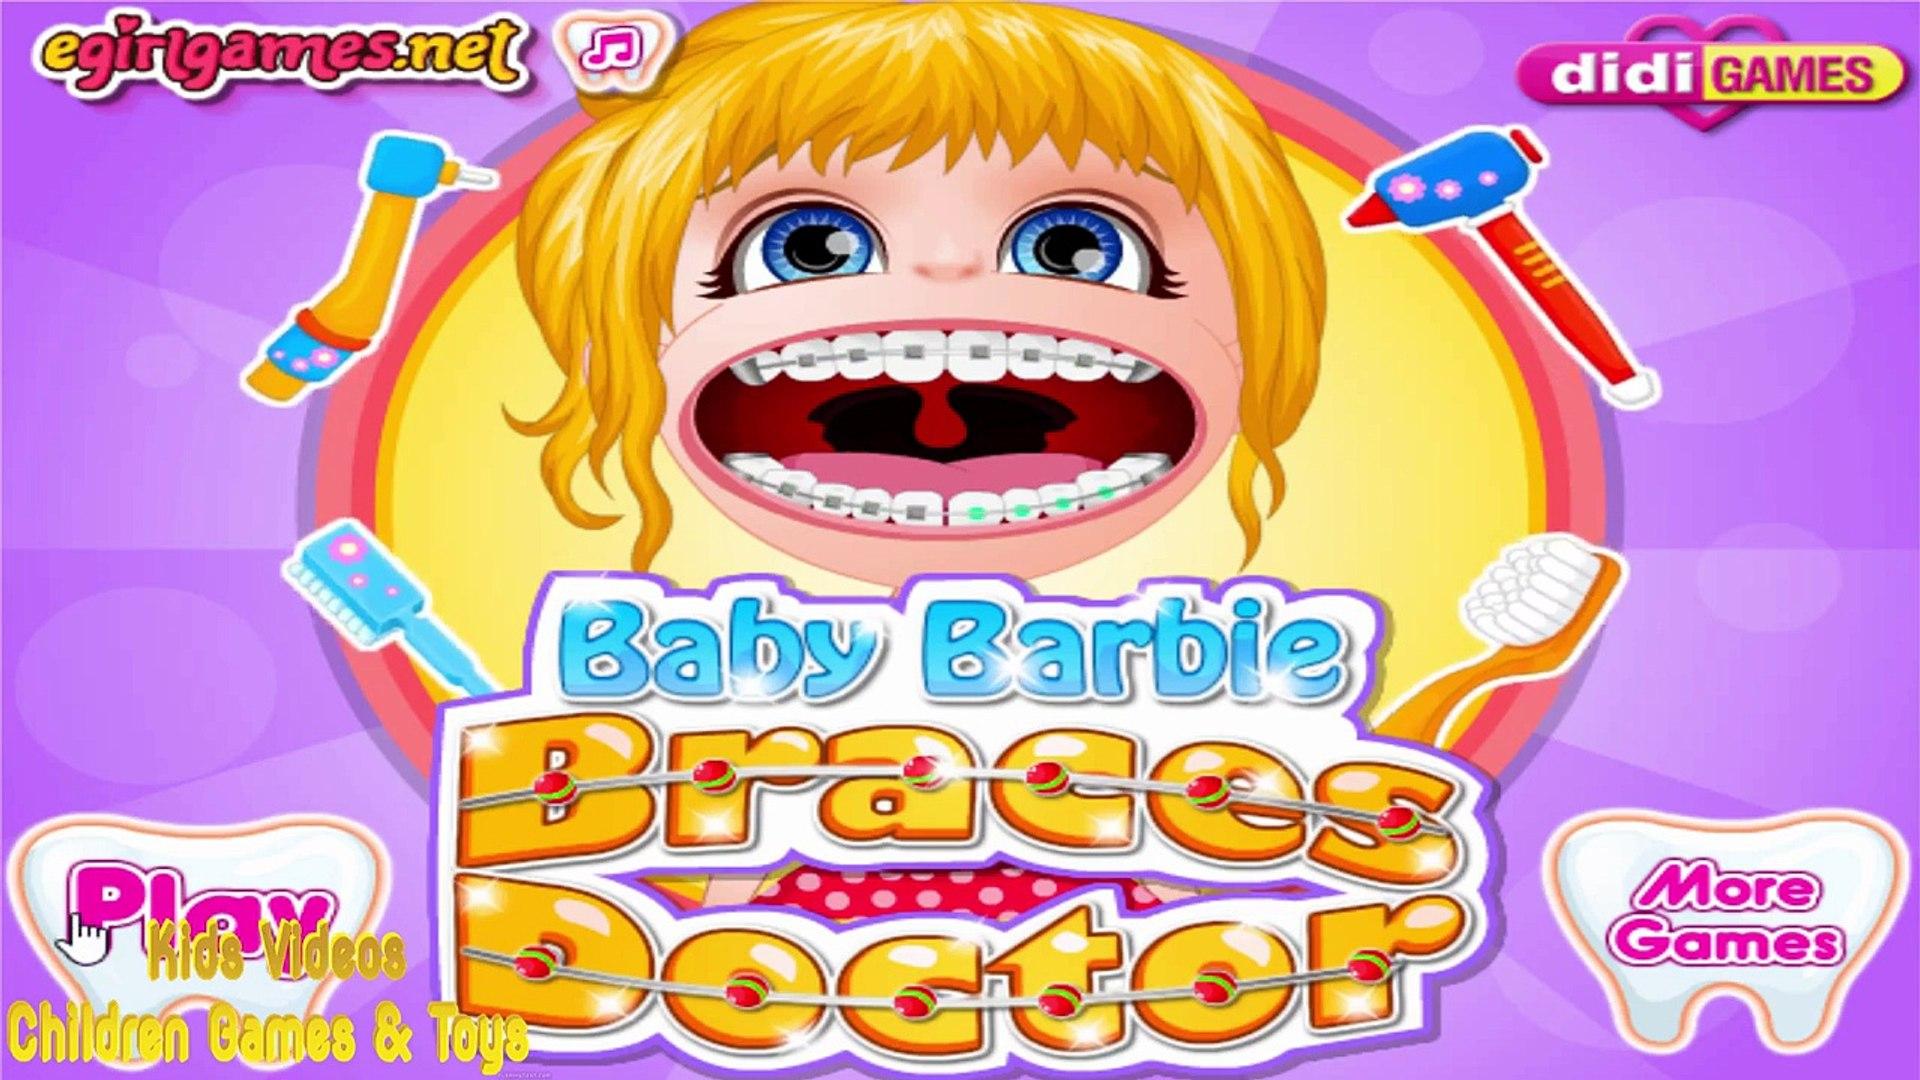 Детские Барби брекеты Доктор Барби Доктор игры полный английский эпизод детские игры новые HD